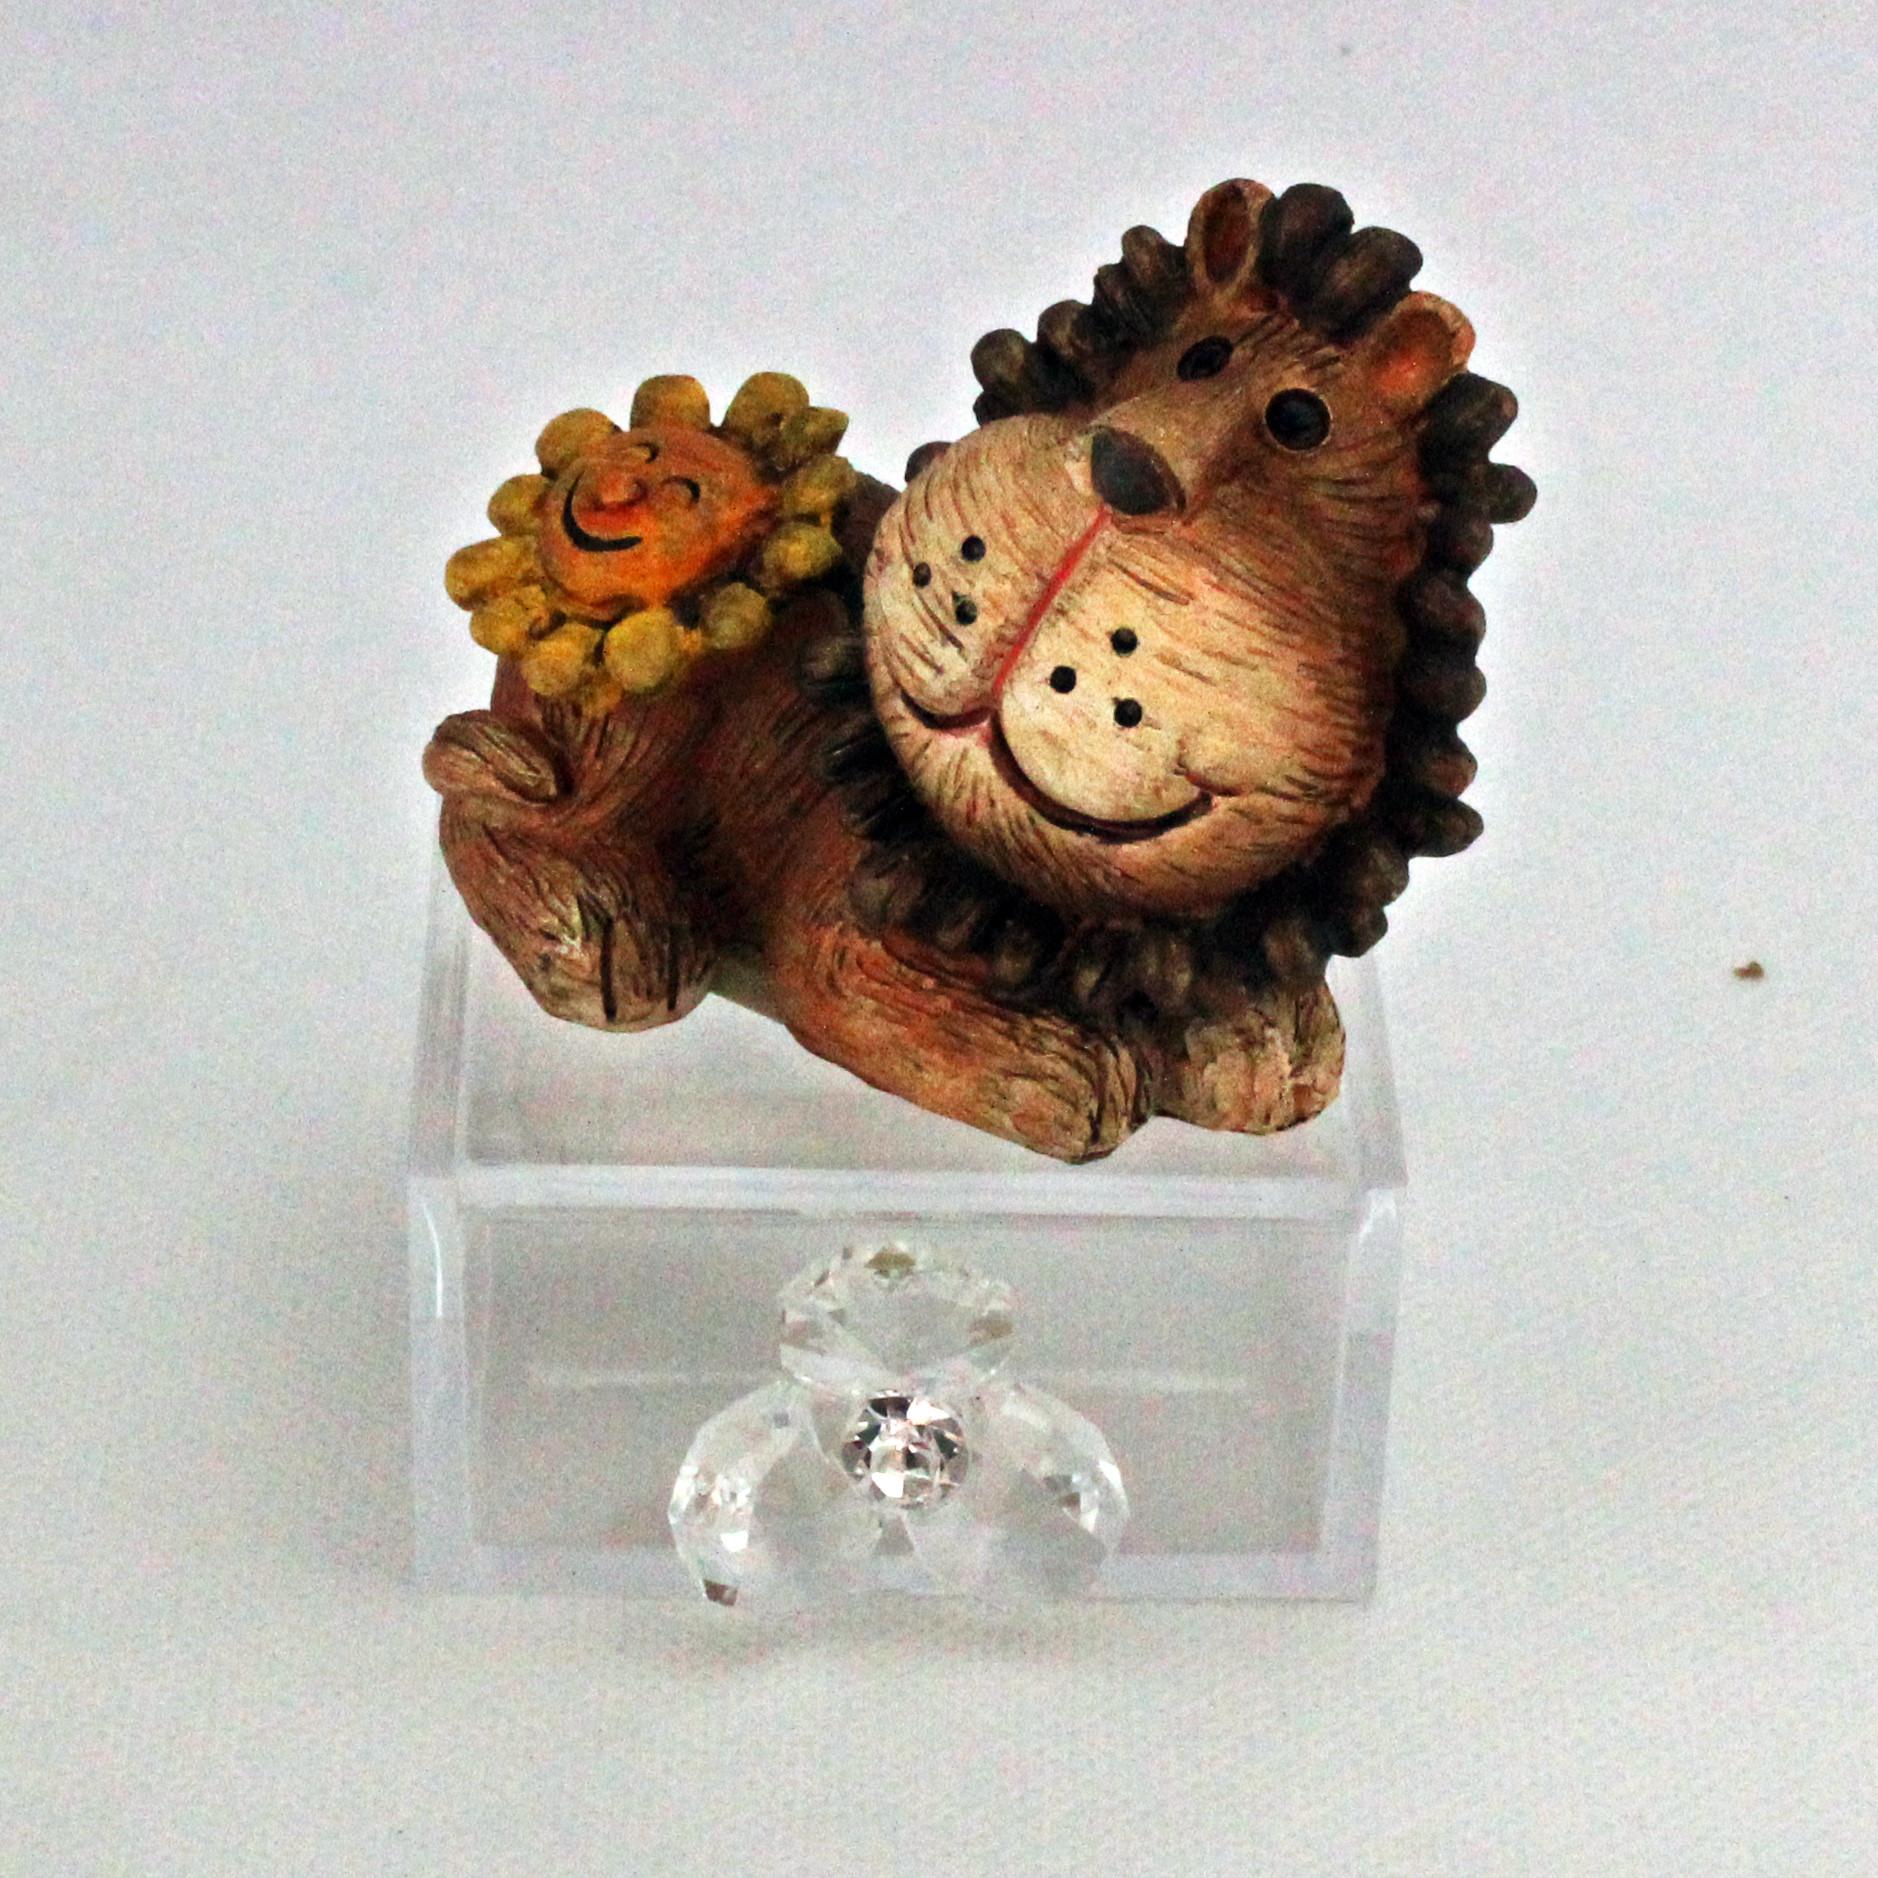 Scatoline in plastica con animaletti in resina e fiore in cristallo